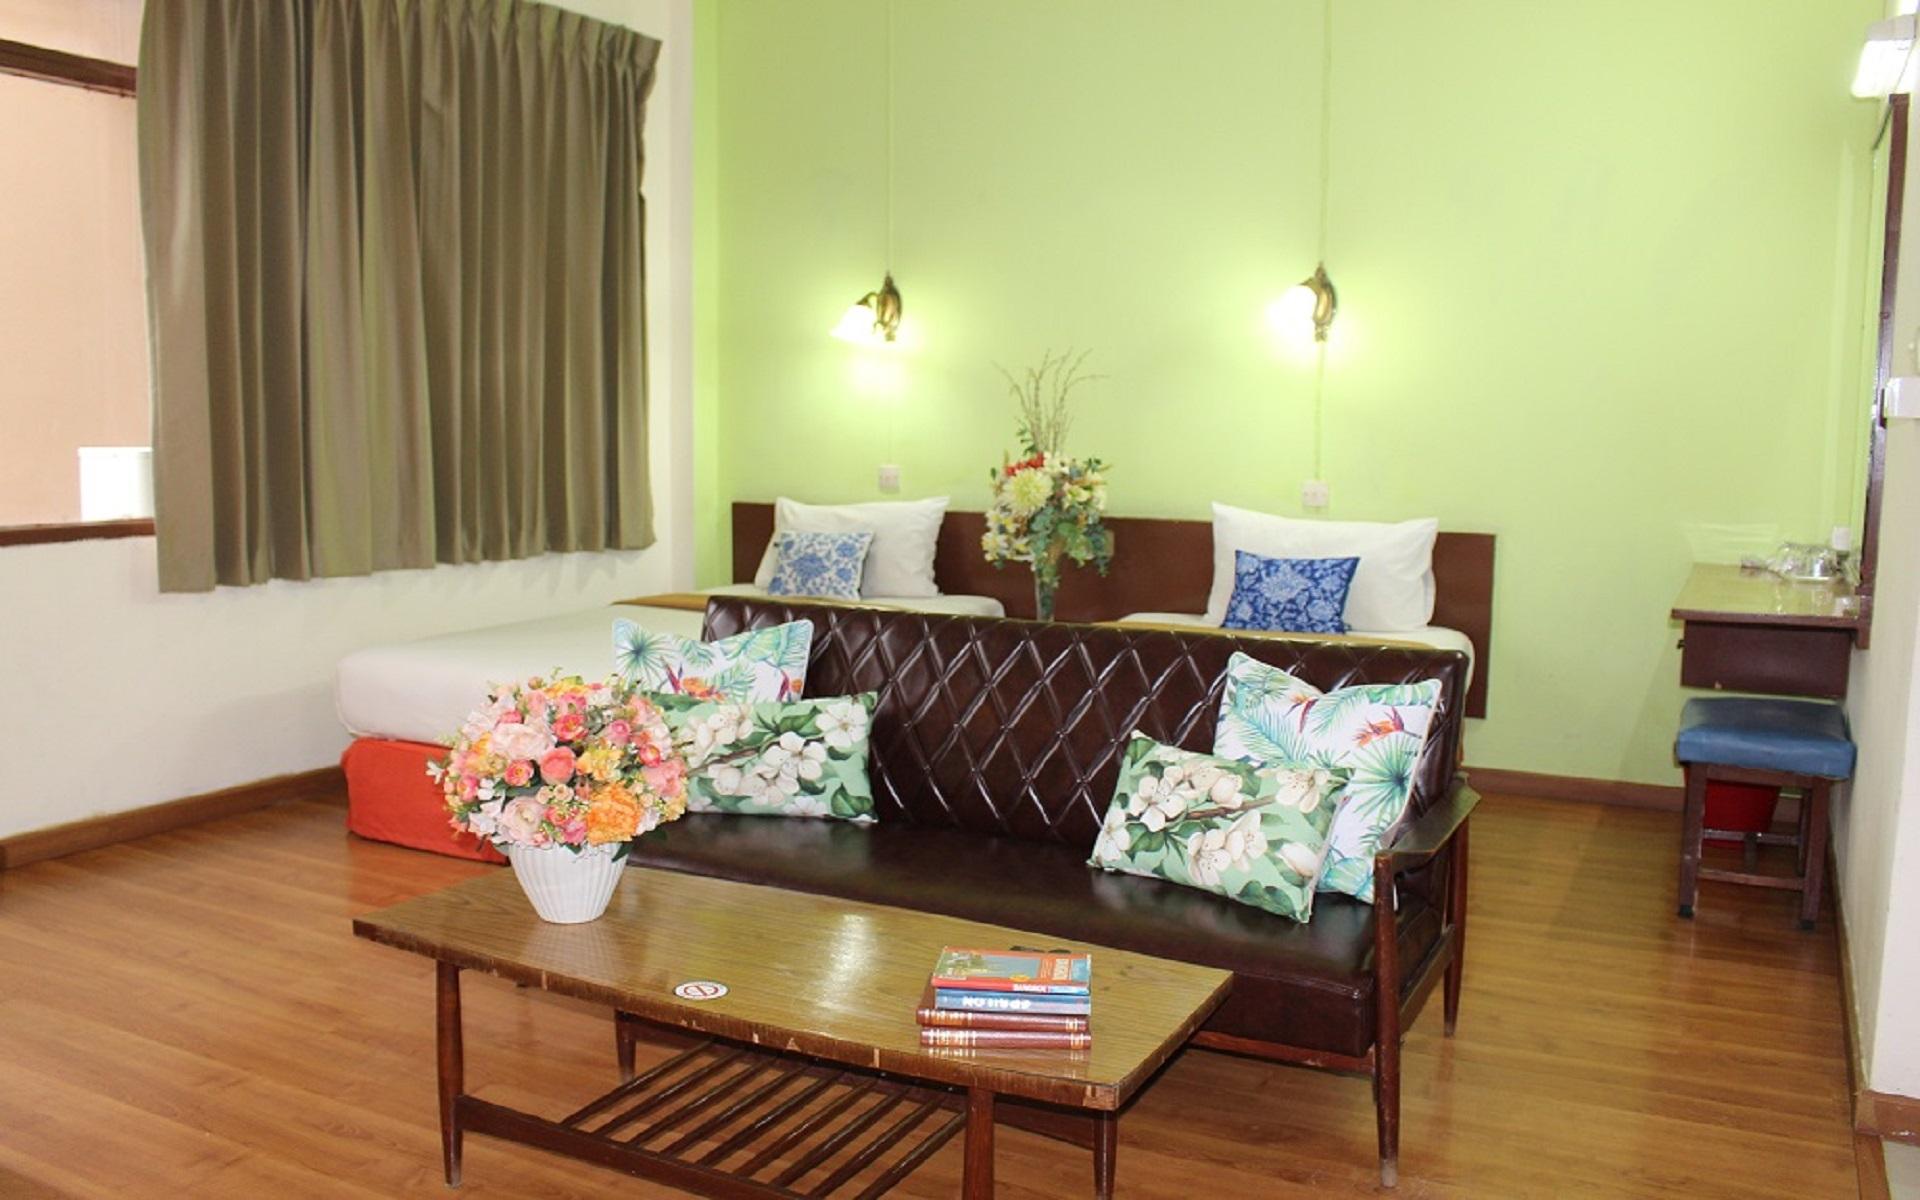 The Miami Hotel Sukhumvit Soi 13